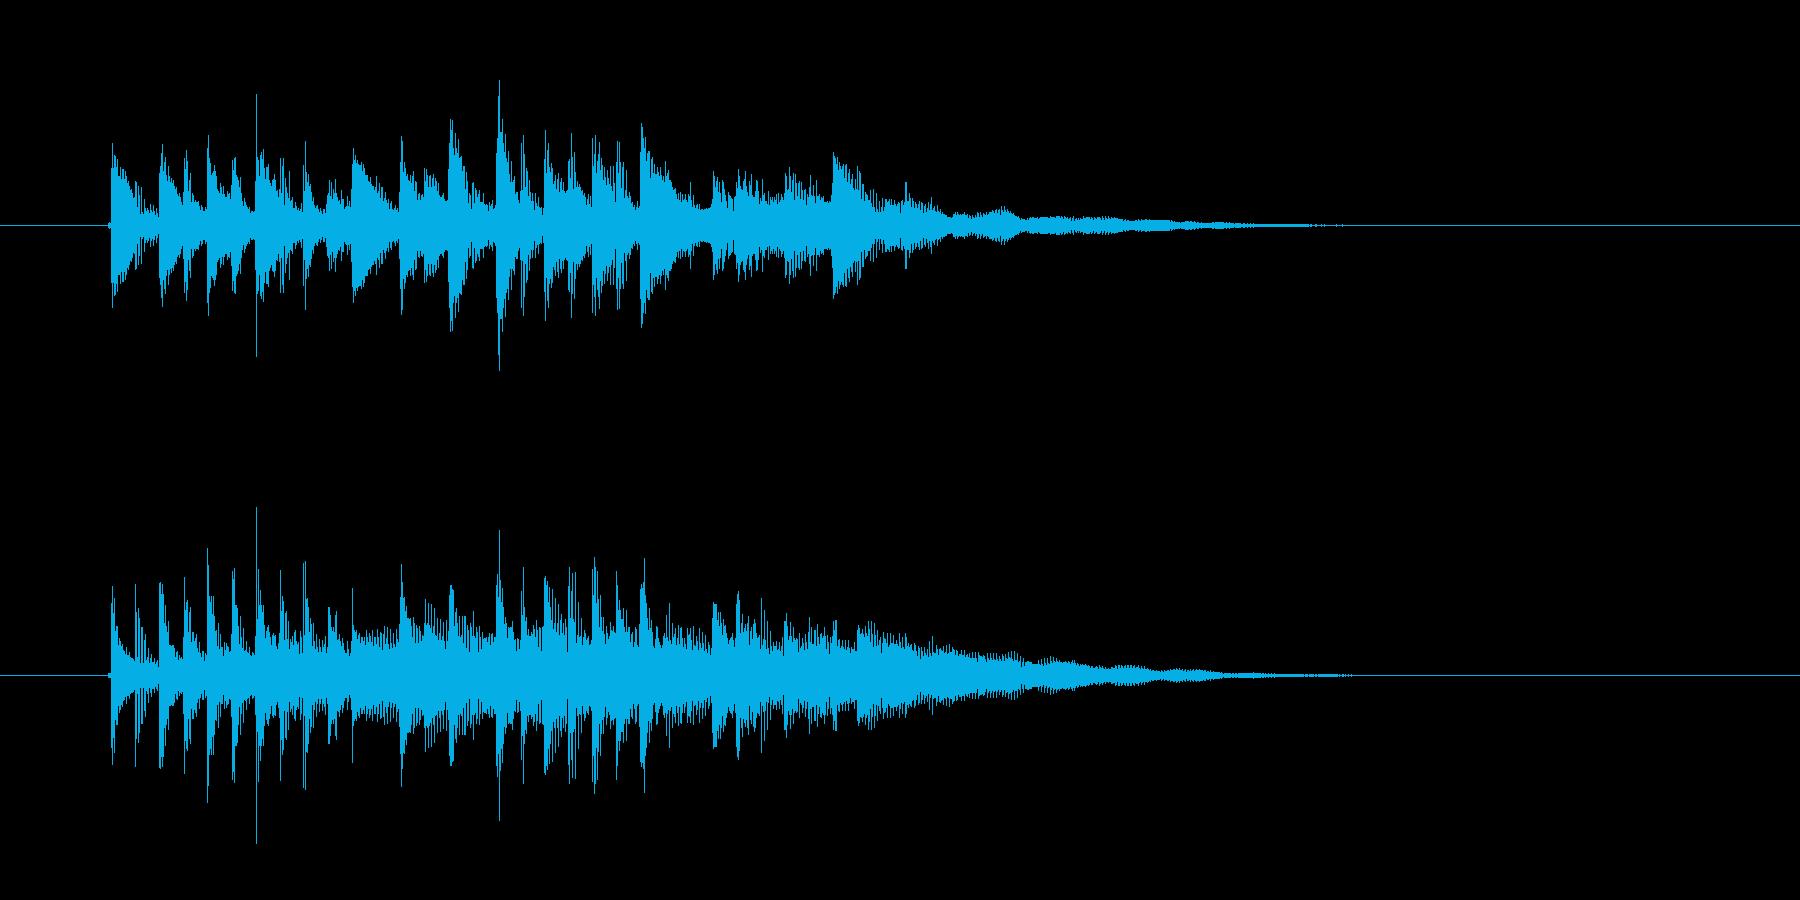 宇宙空間をふわふわと漂うようなシンセ曲の再生済みの波形